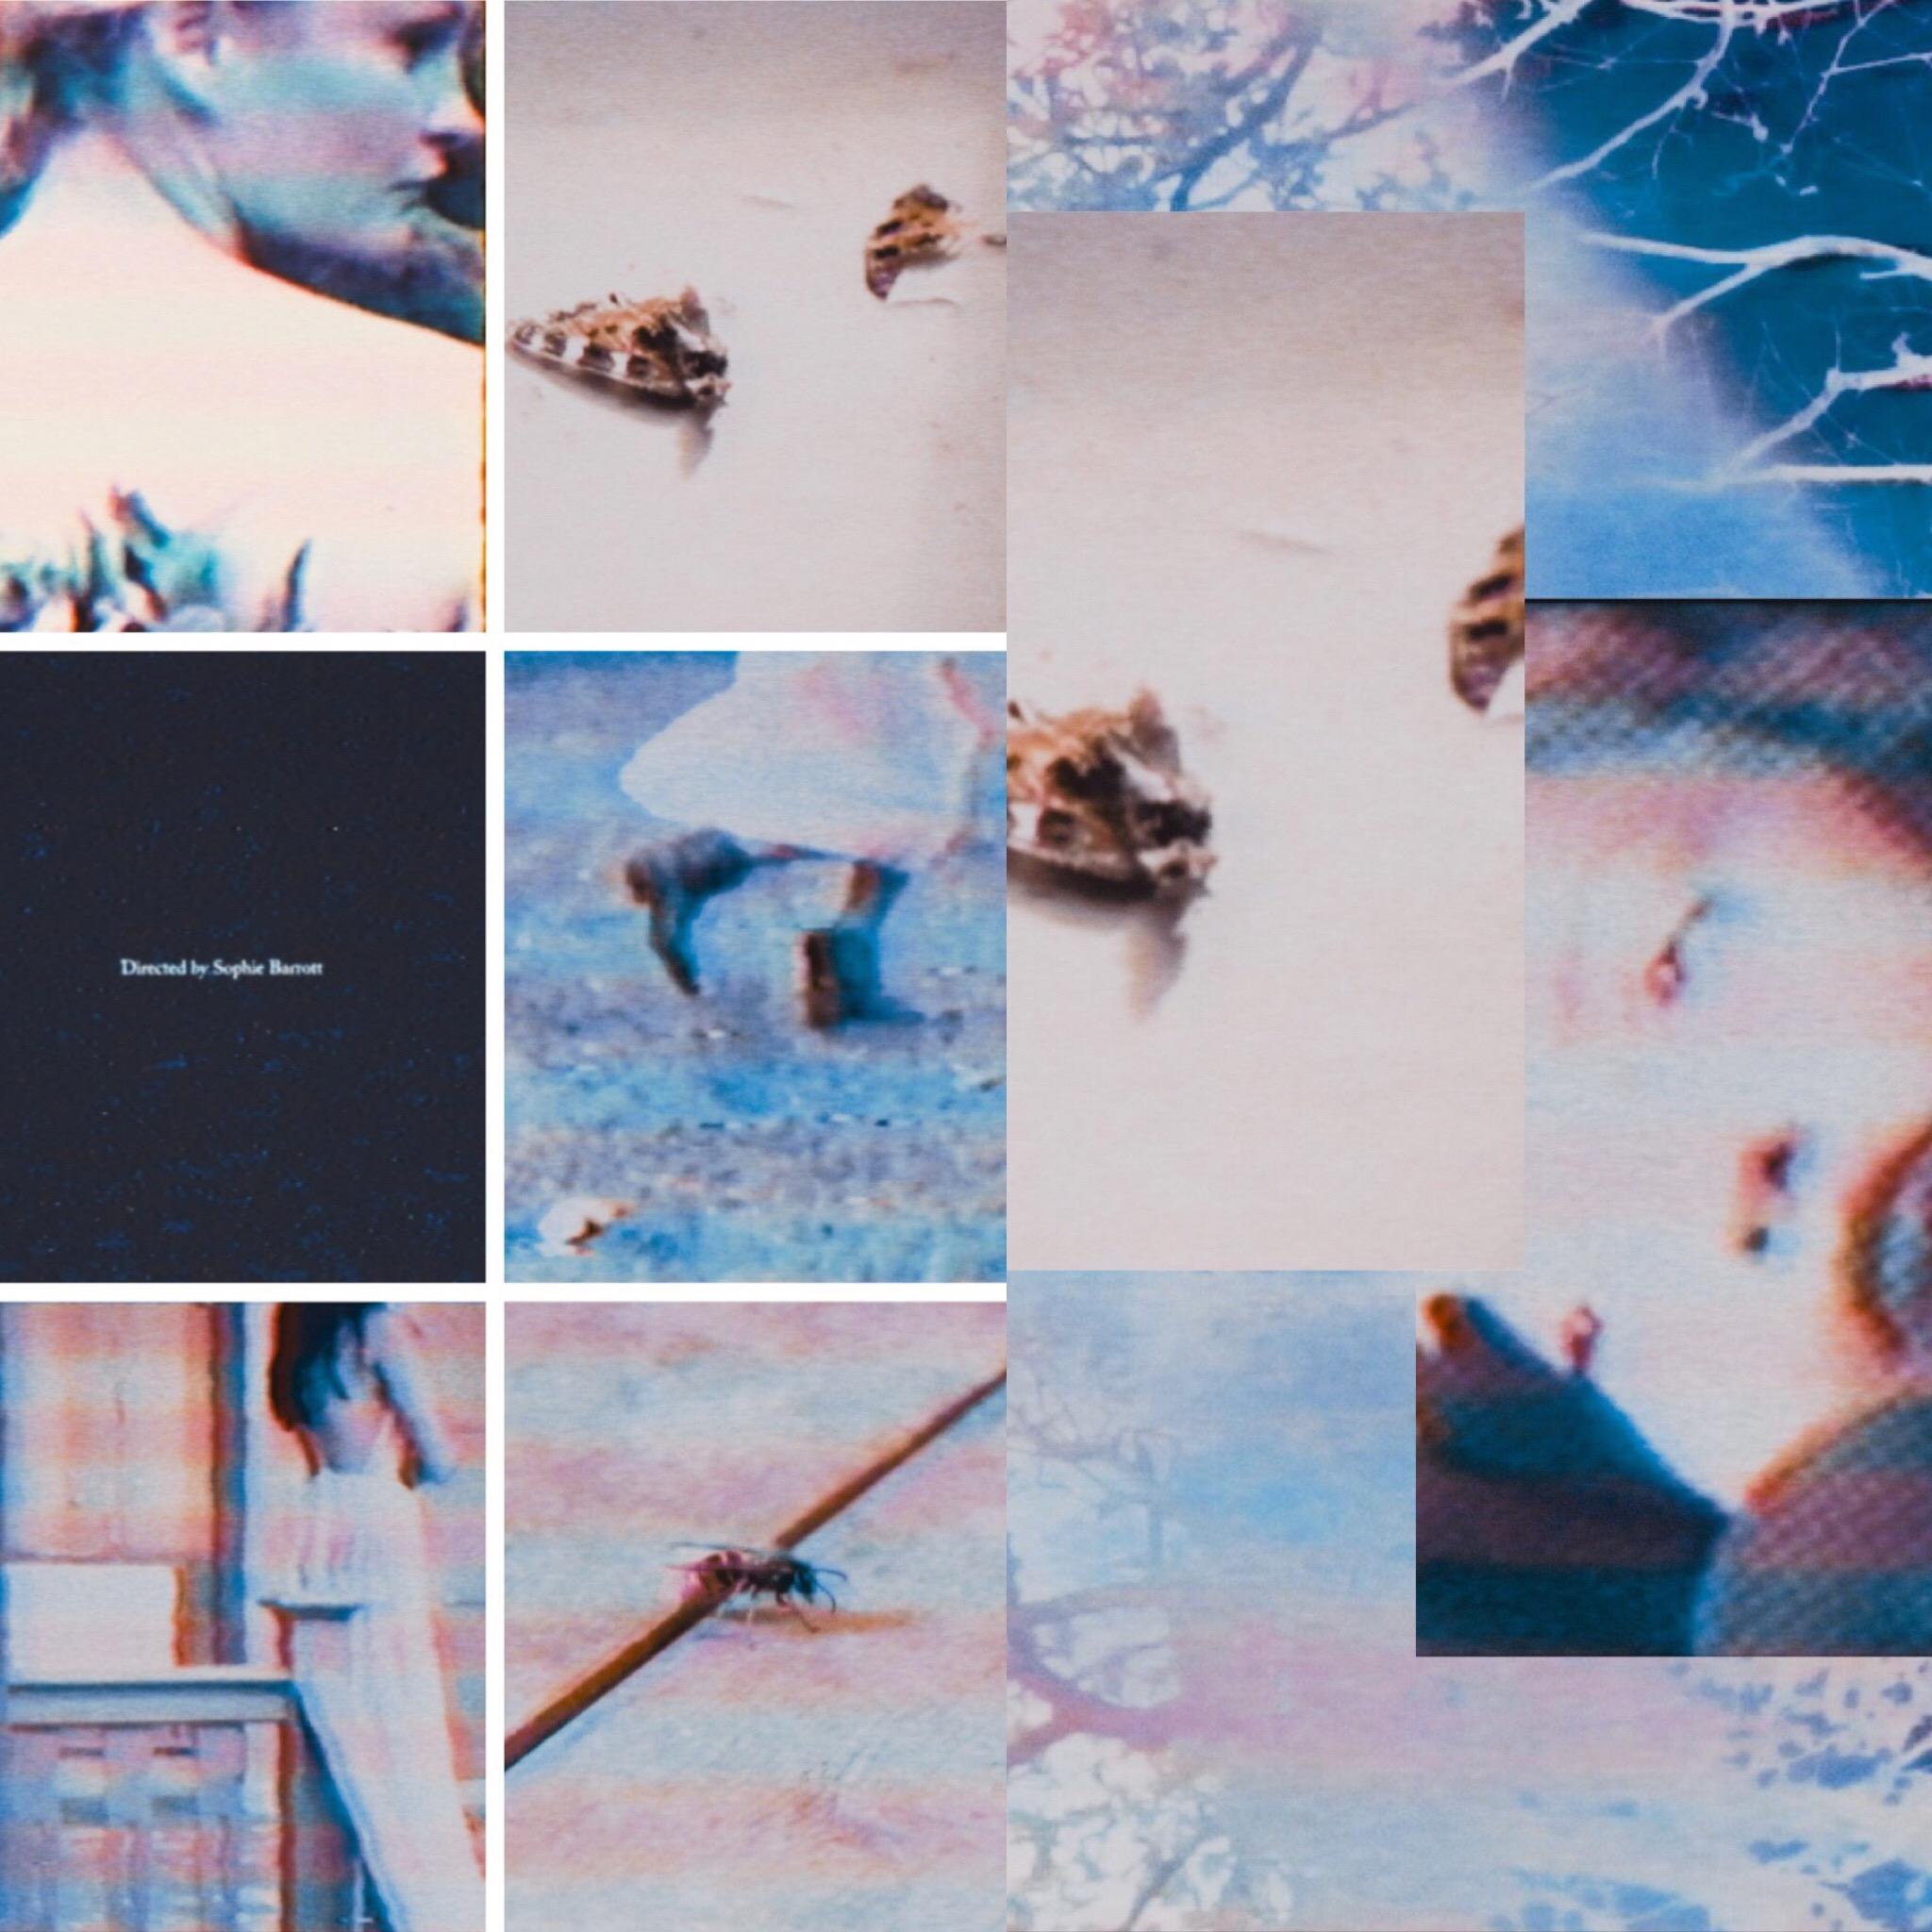 Photo 04-01-2019, 02 35 03